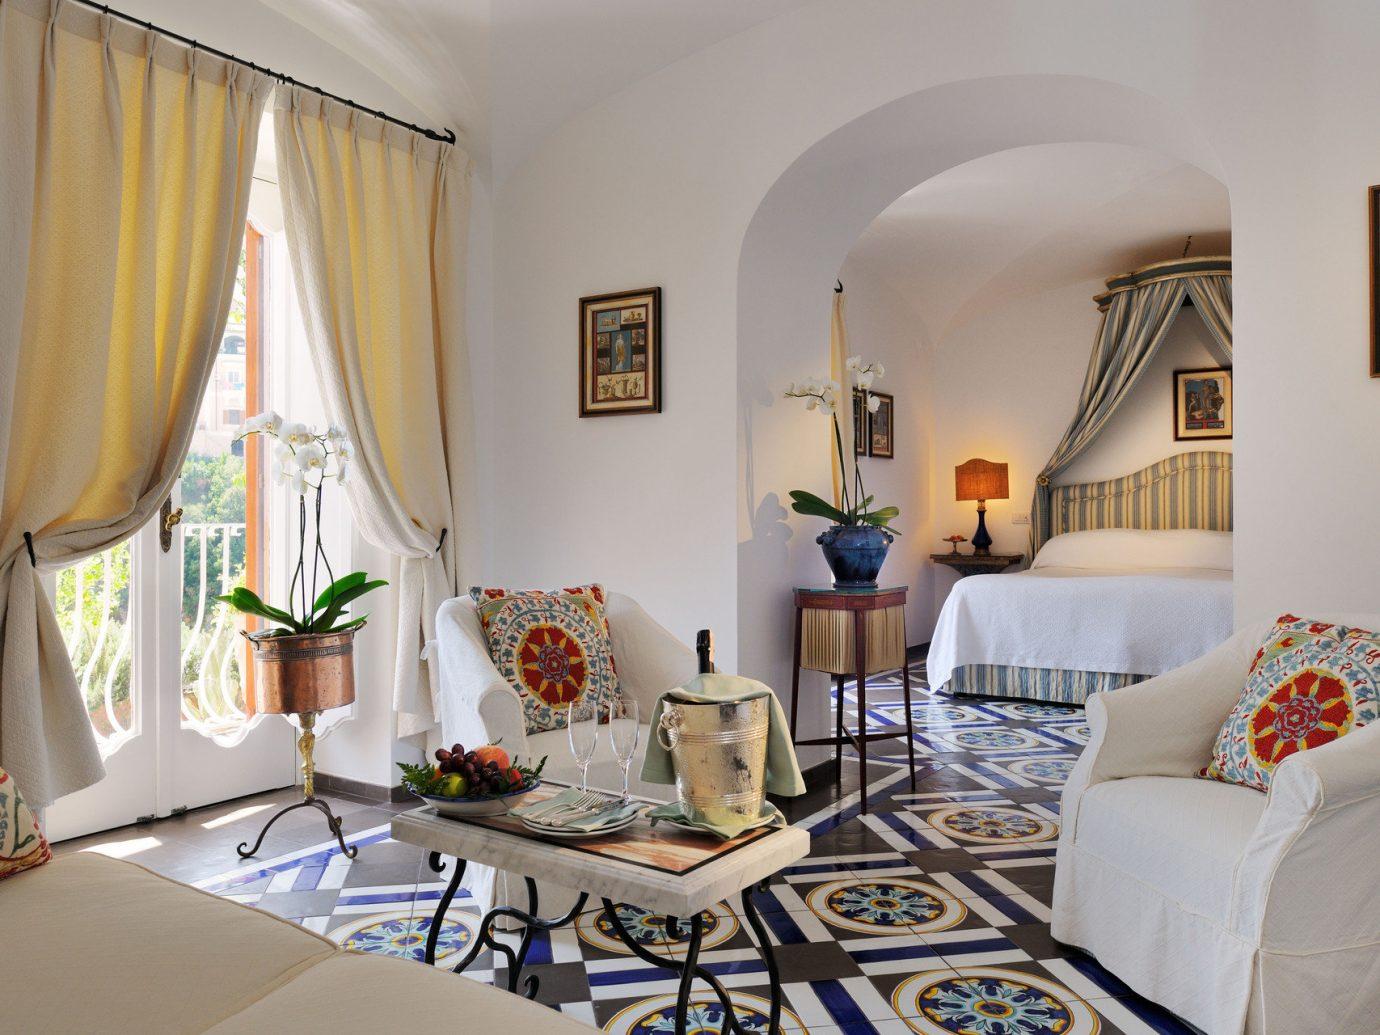 Bedroom at Le Sirenuse, Positano